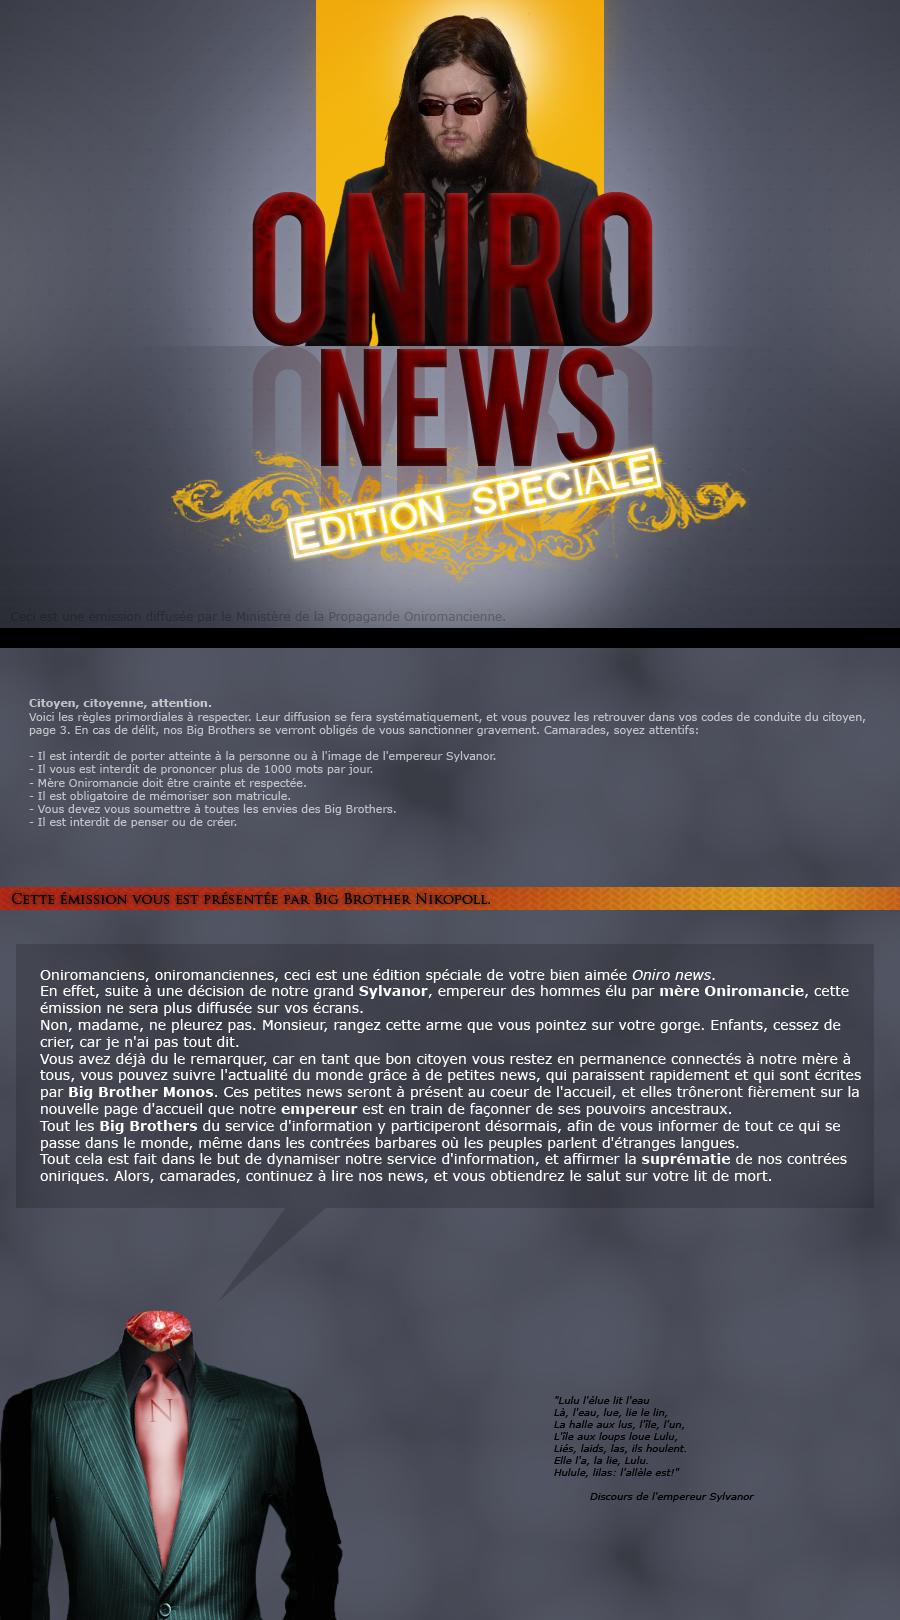 Oniro news: édition spéciale